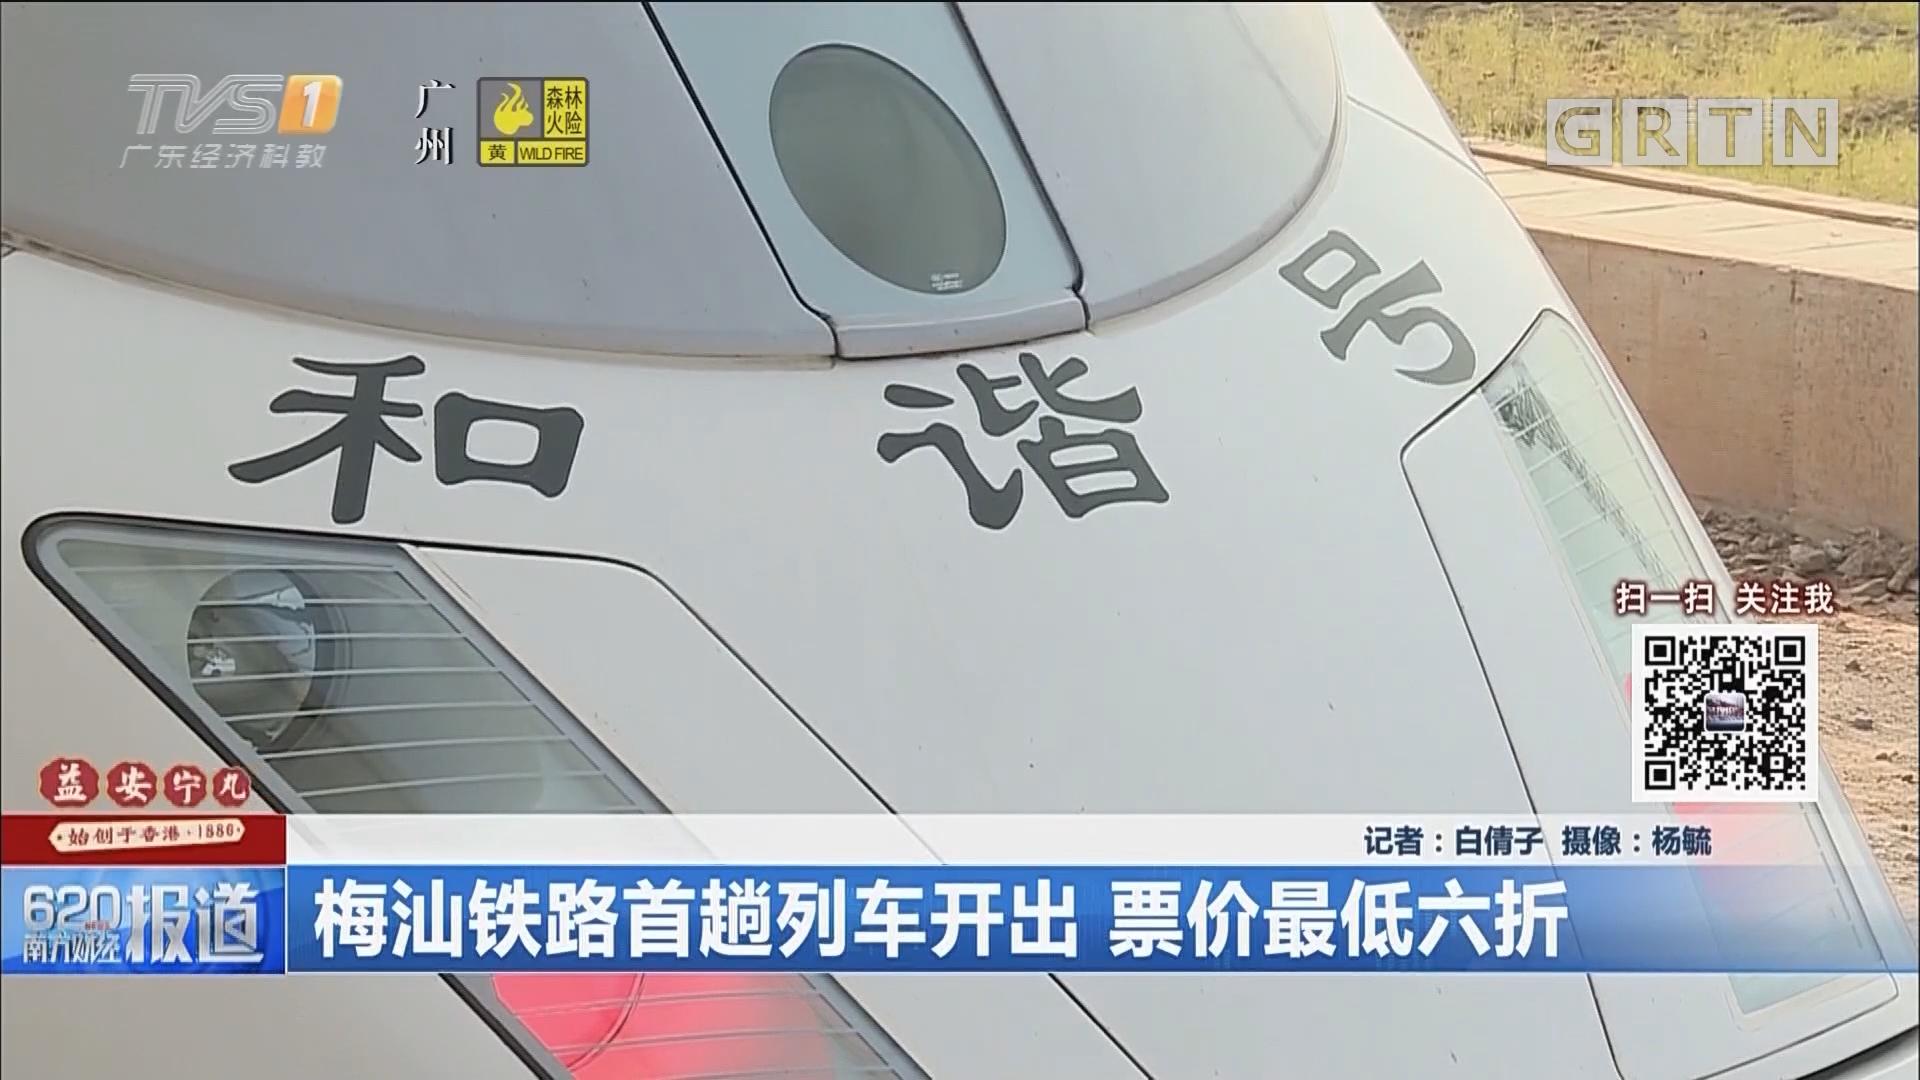 梅汕鐵路首趟列車開出 票價最低六折